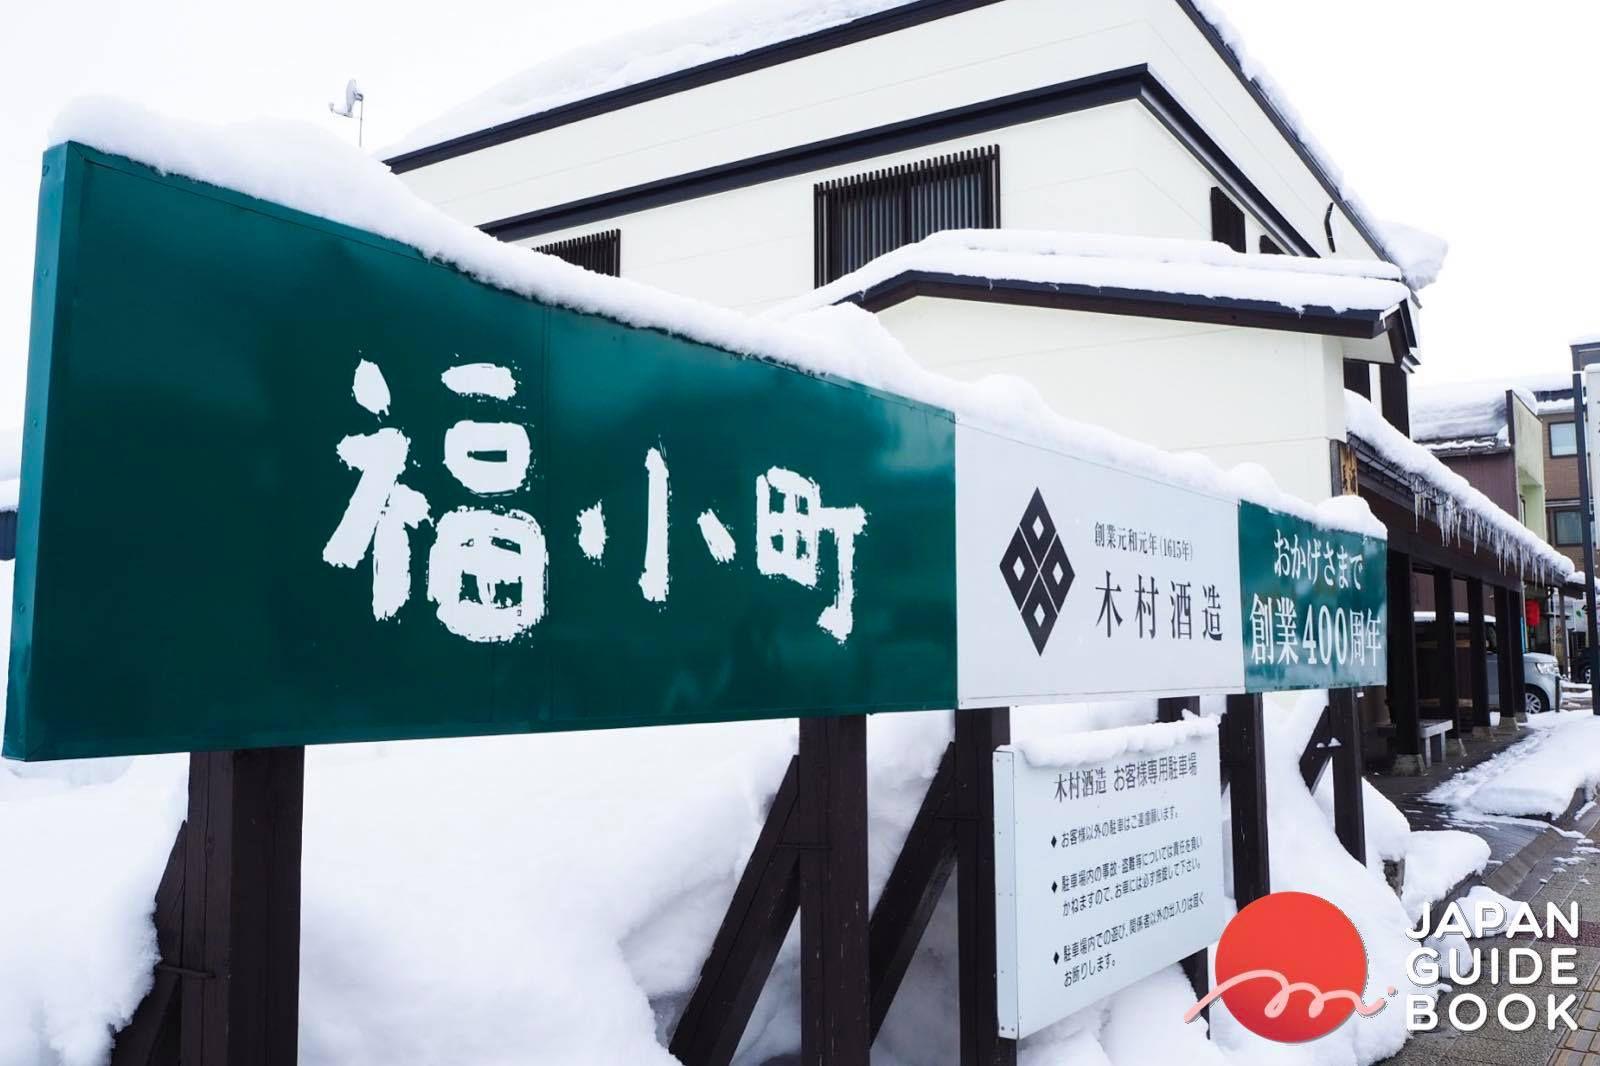 ป้ายด้านหน้าโรงสาเก Kimurashusho